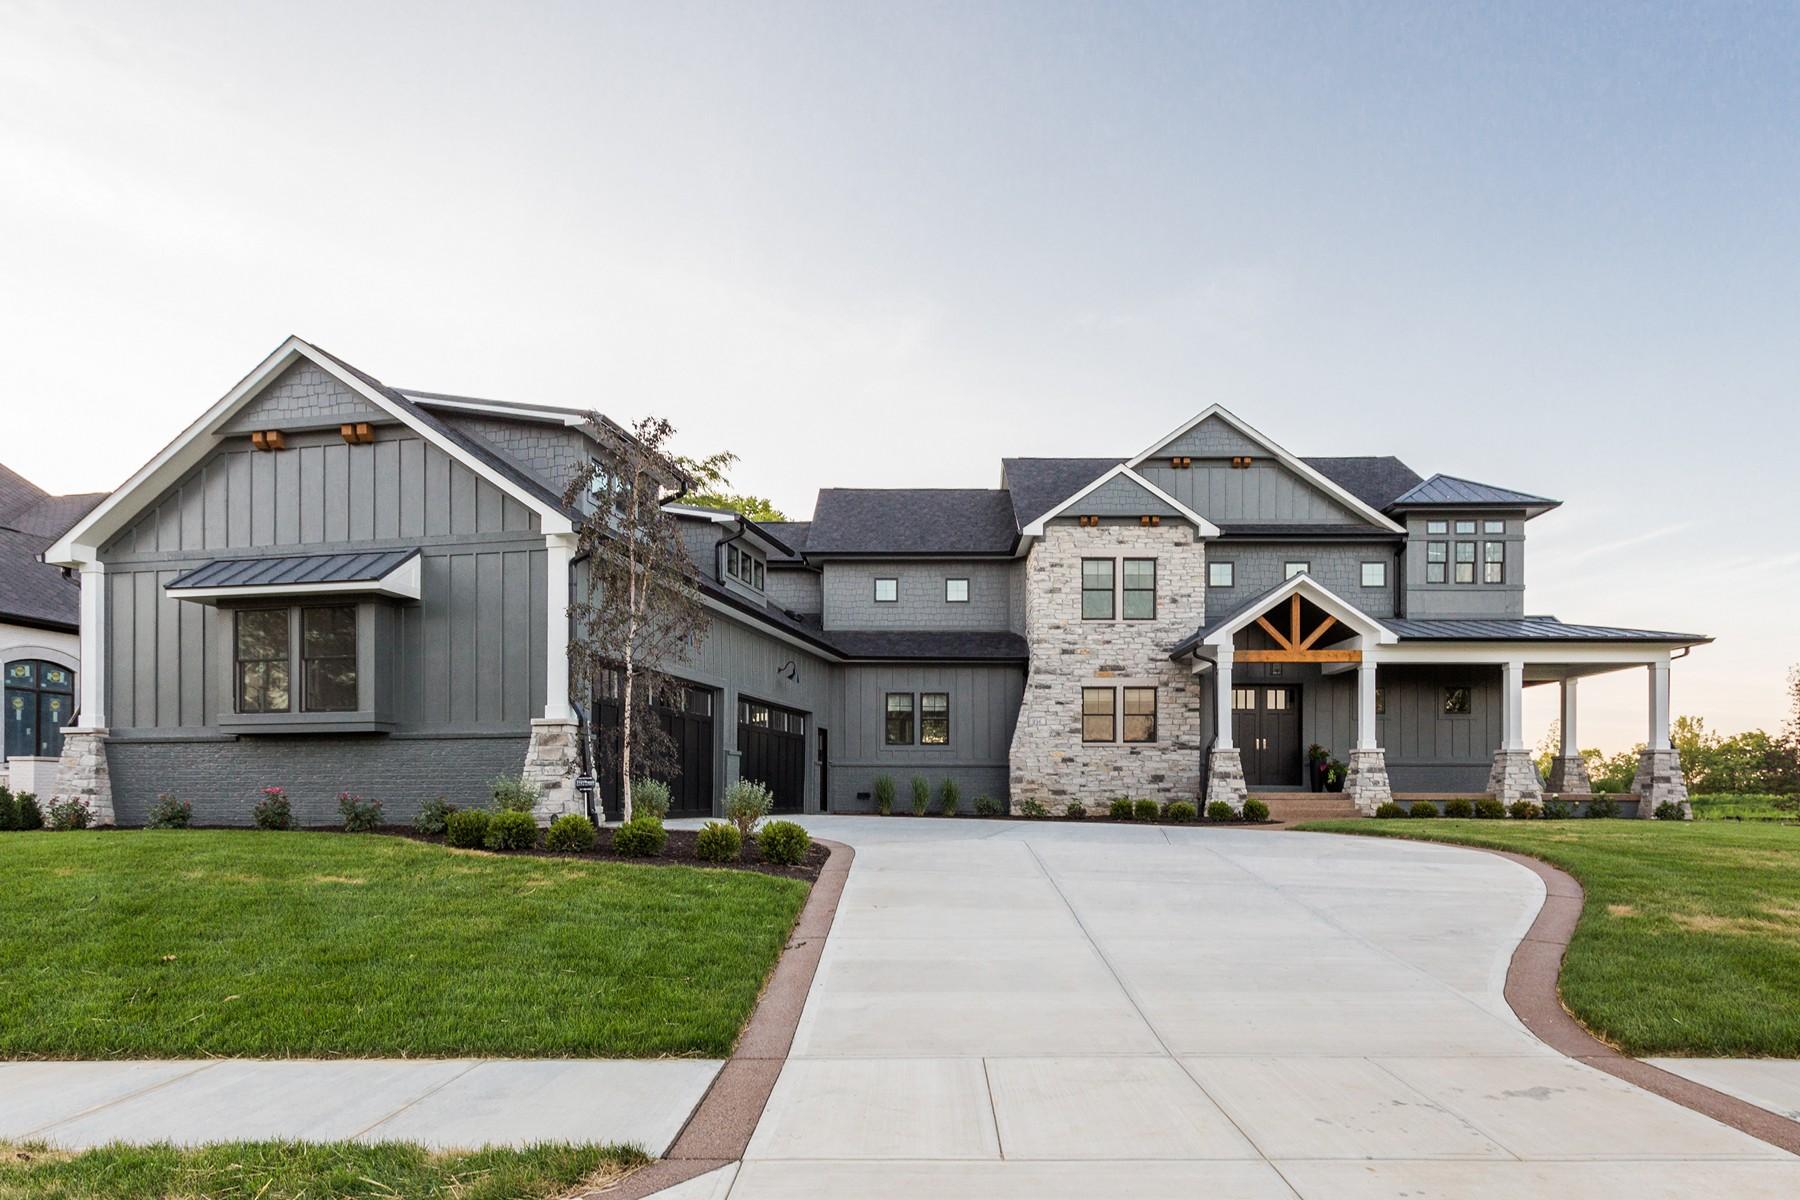 Частный односемейный дом для того Продажа на 2016 Peoples Choice Home-A-Rama 996 Chatham Hills Boulevard Westfield, Индиана 46074 Соединенные Штаты